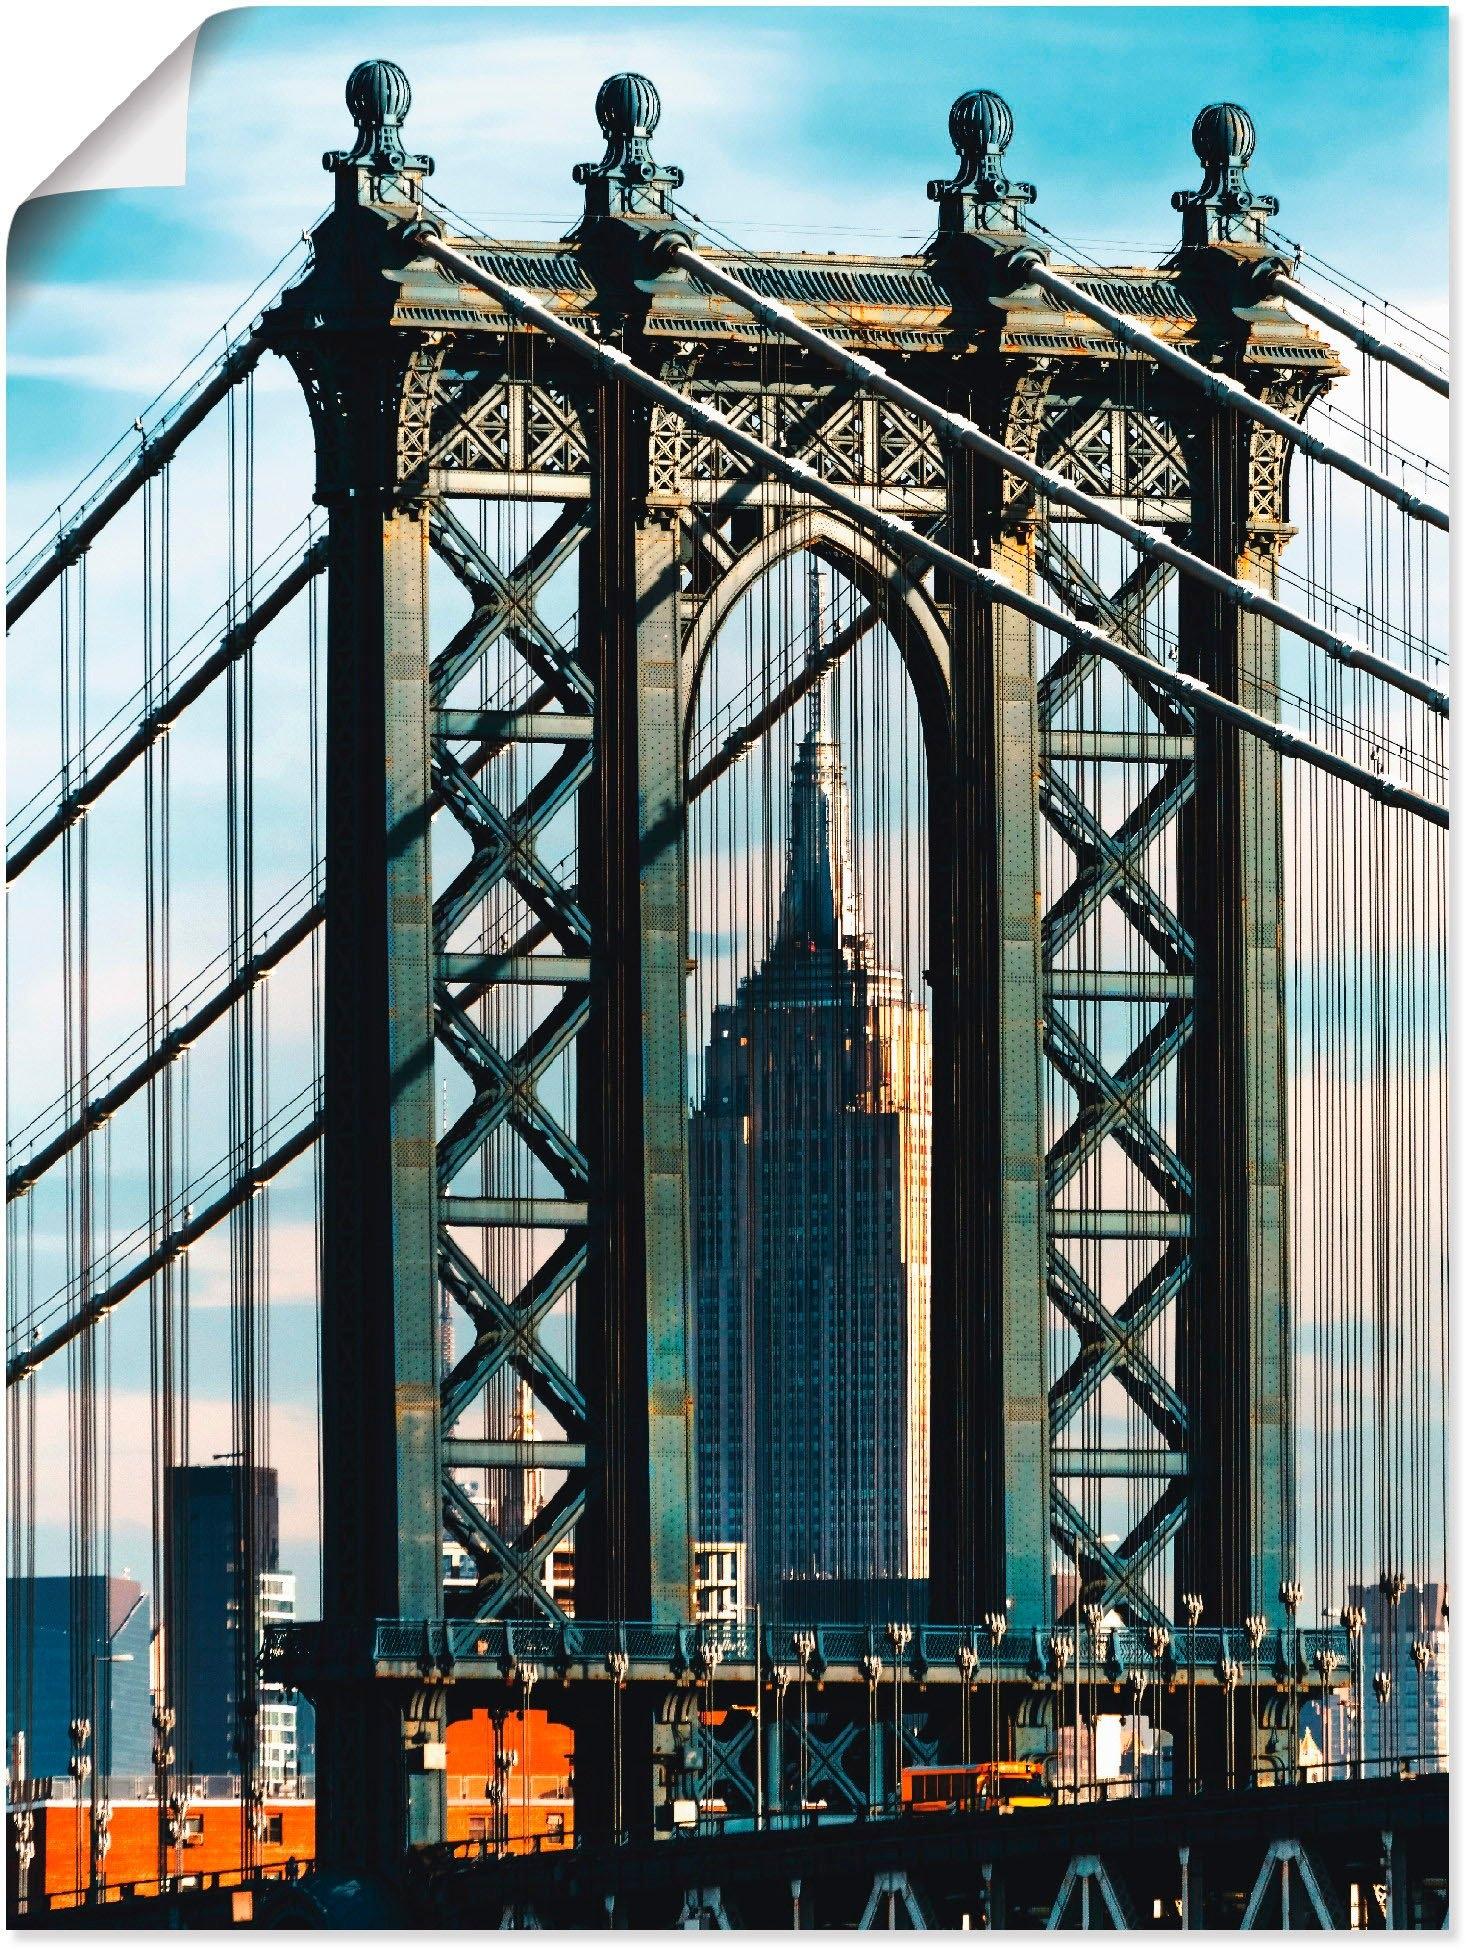 Artland artprint New York Manhattan Bridge in vele afmetingen & productsoorten -artprint op linnen, poster, muursticker / wandfolie ook geschikt voor de badkamer (1 stuk) nu online kopen bij OTTO